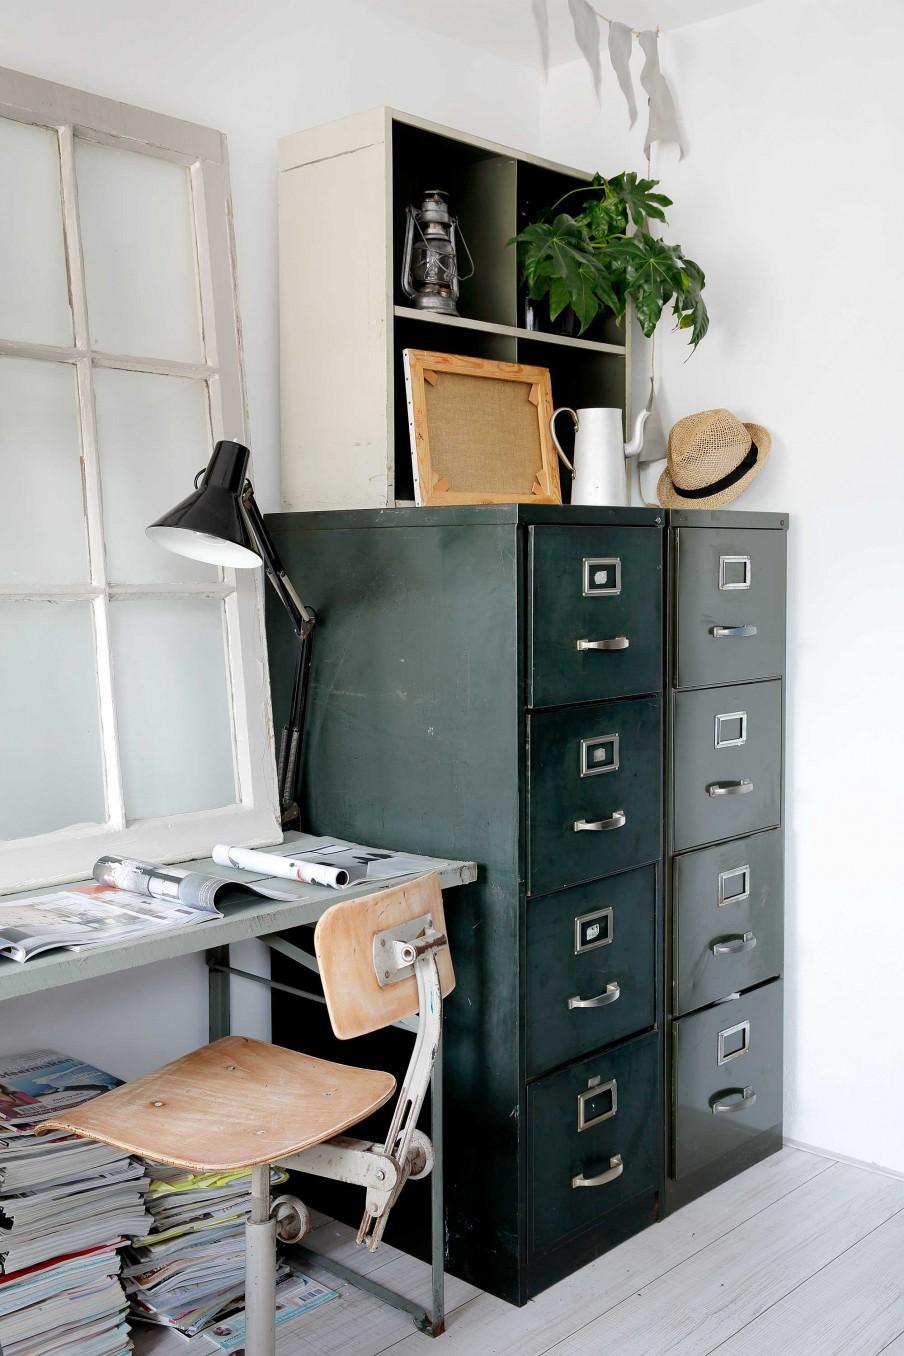 escritorio, estilo industrial, militar, archivador, verde, silla madera, ventana decorativa, estanterias,